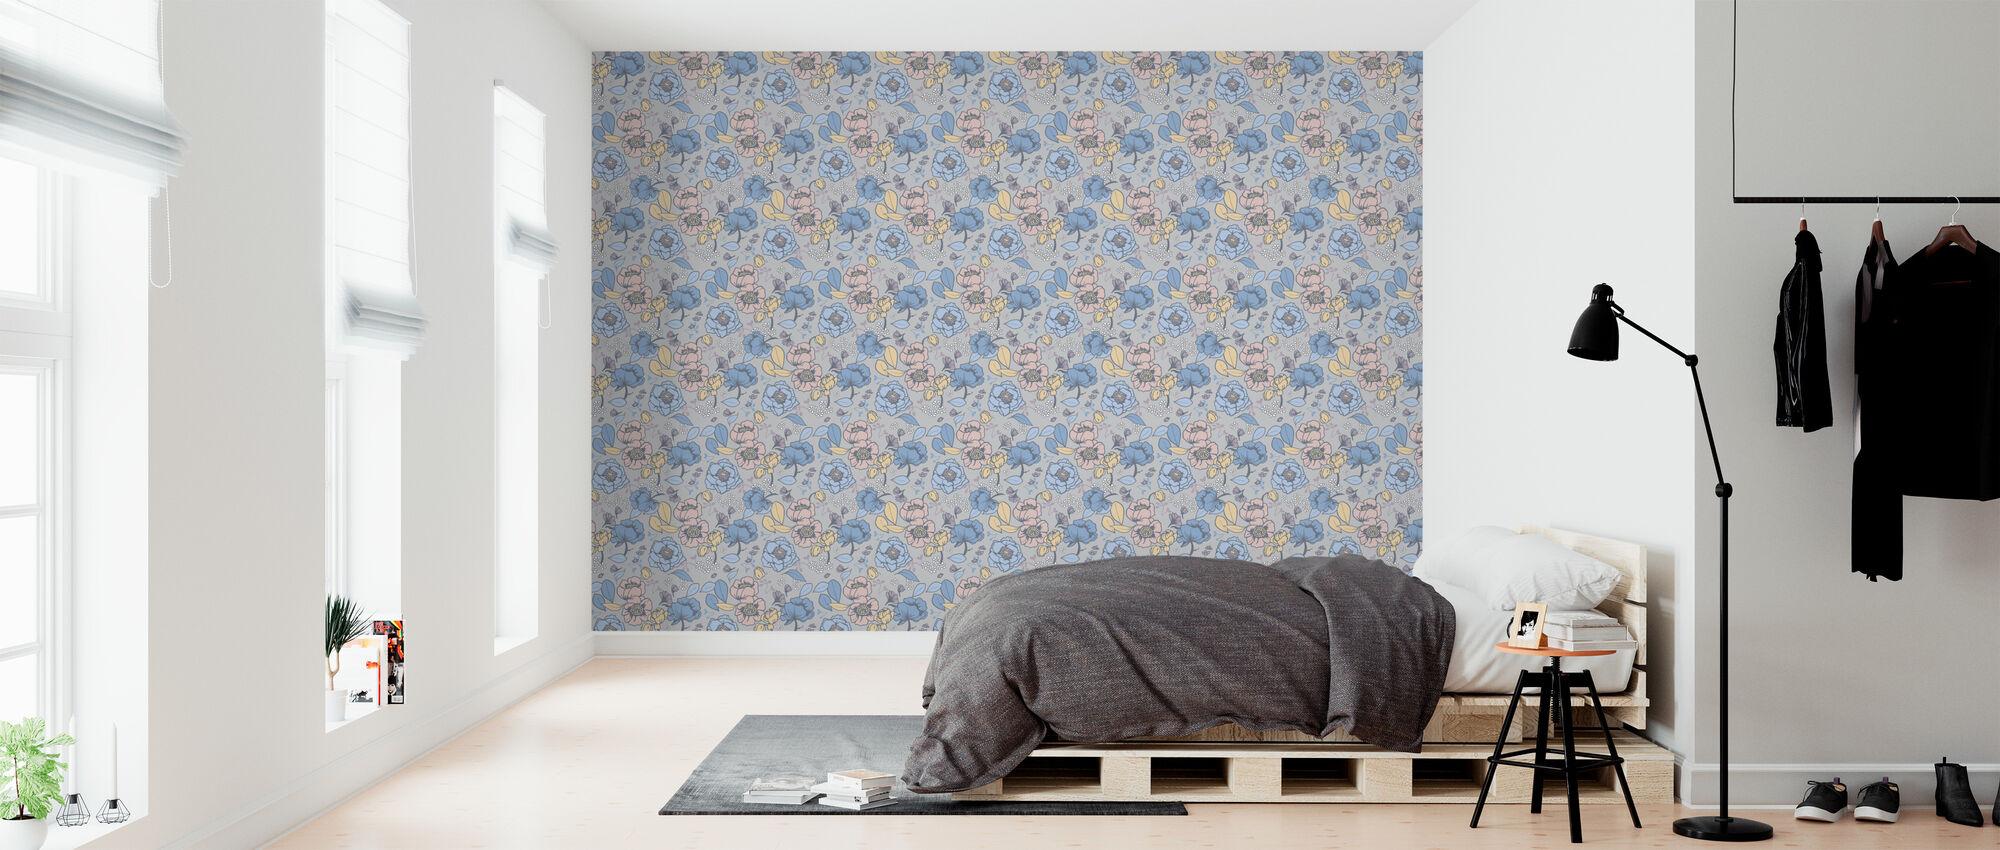 Meadow - Wallpaper - Bedroom